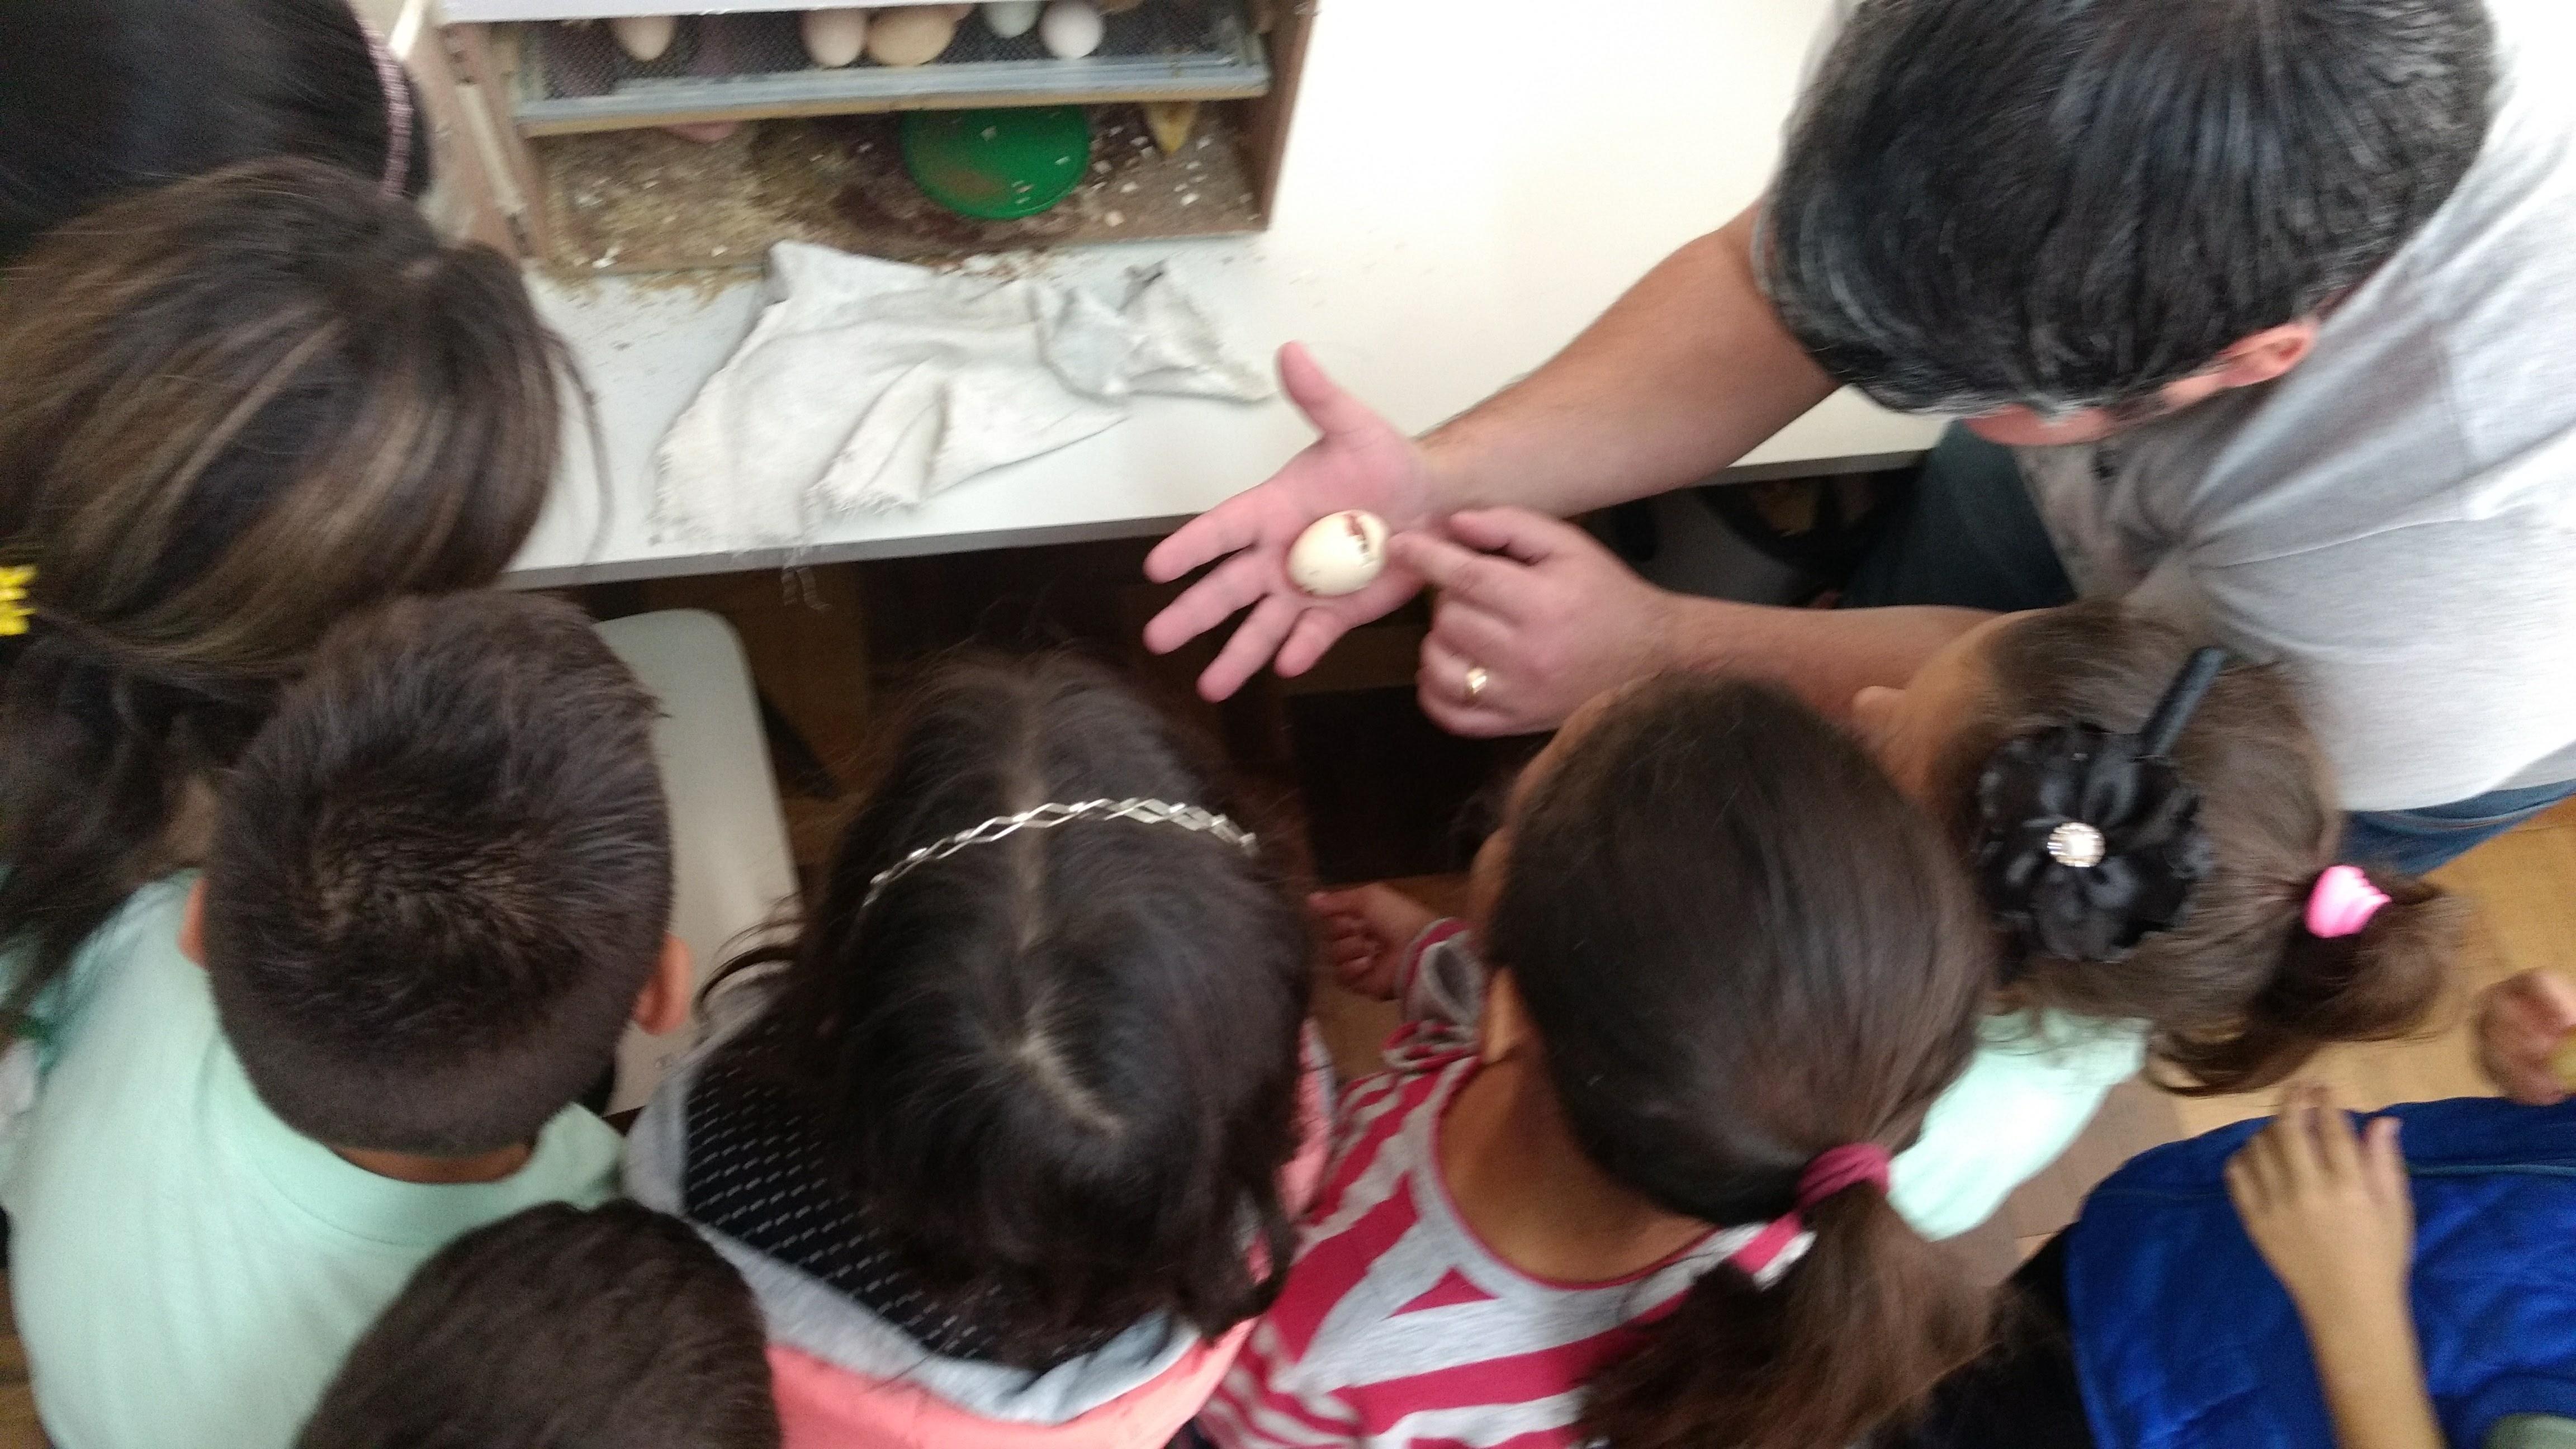 Projeto Do ovo à galinha em escola de Santa Felicidade ensina a crianças o cuidado com a vida